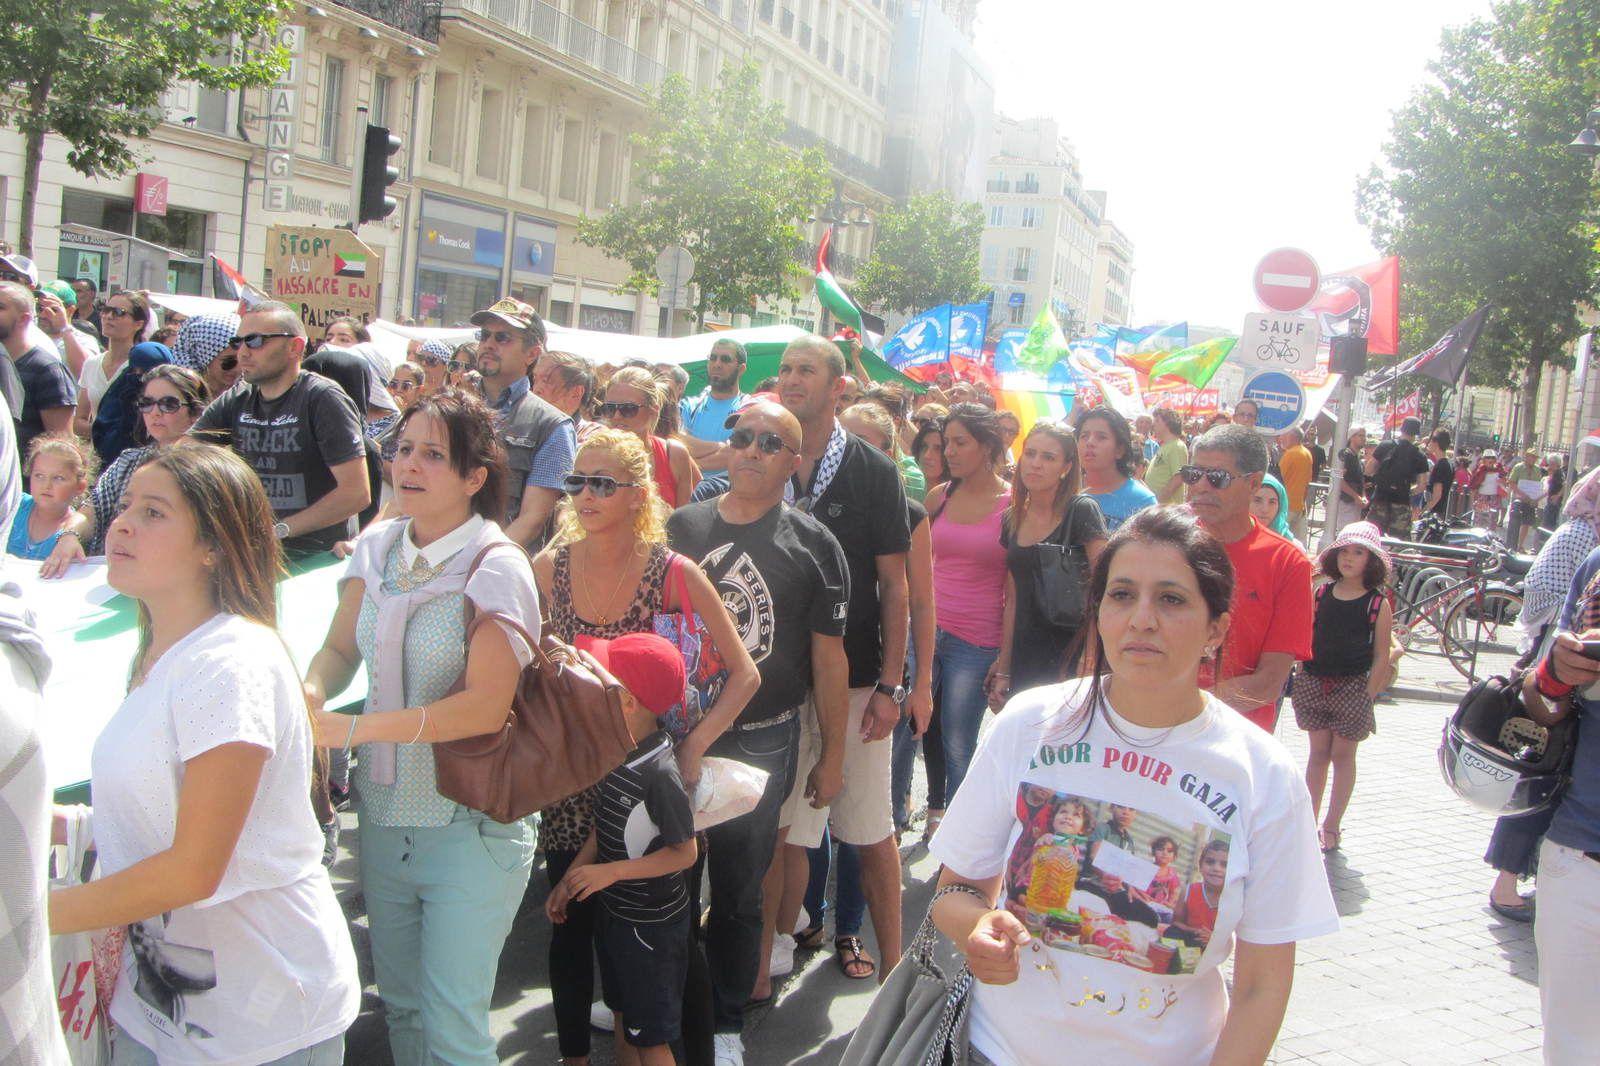 Manif' pour Gaza Marseille 20/25.000  manifestants (3/4000 selon la Police!)  le 19/07/14